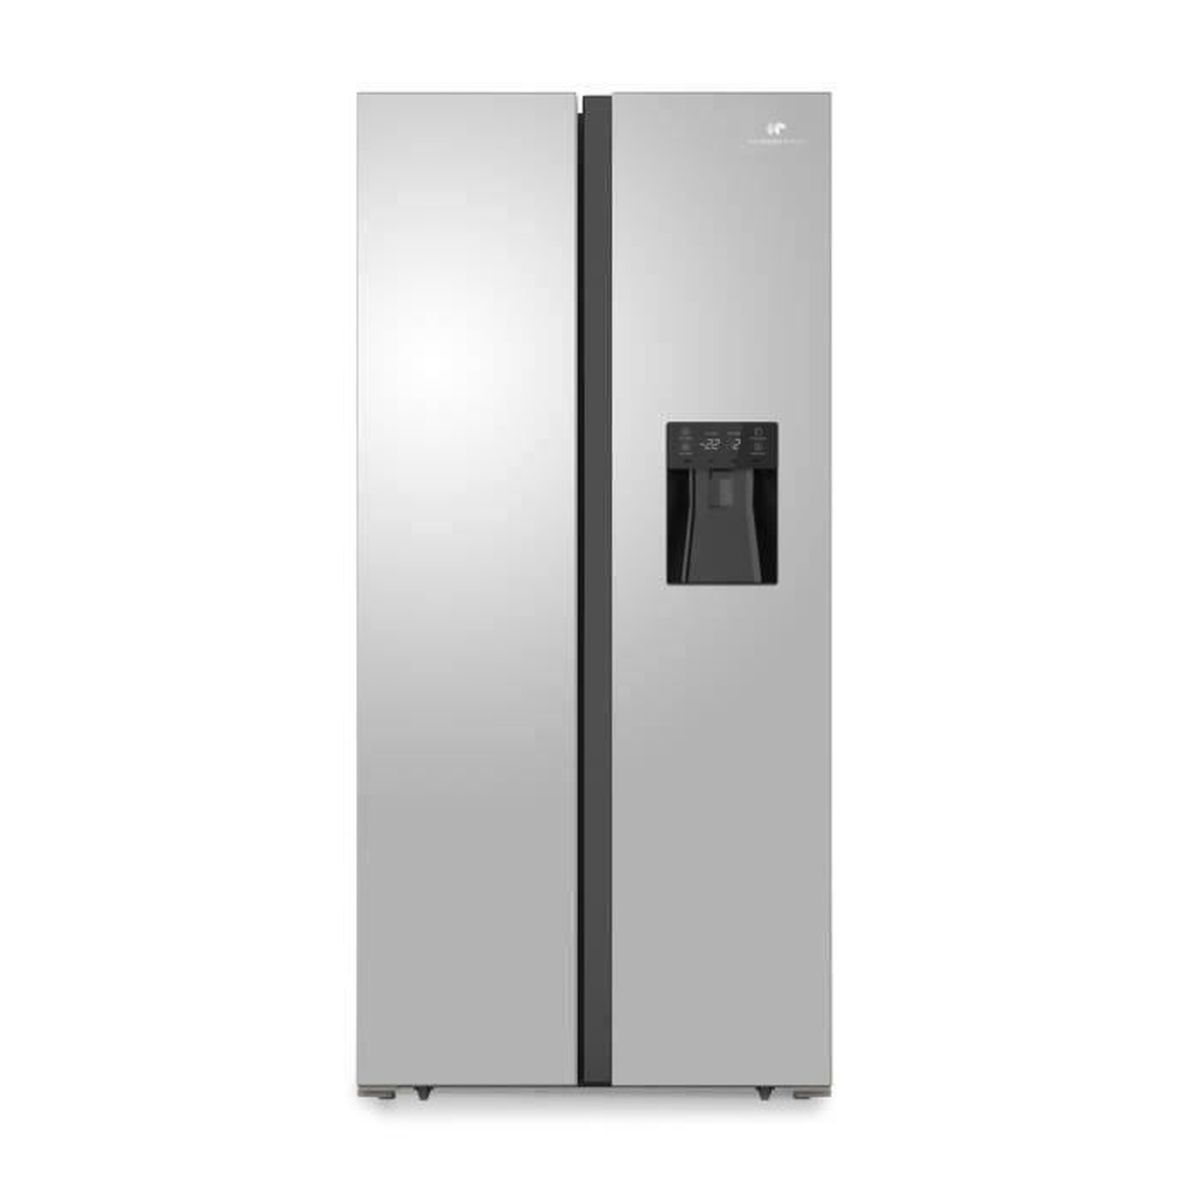 Refrigerateur Americain Faible Largeur refrigerateur americain de 50 cm de profondeur